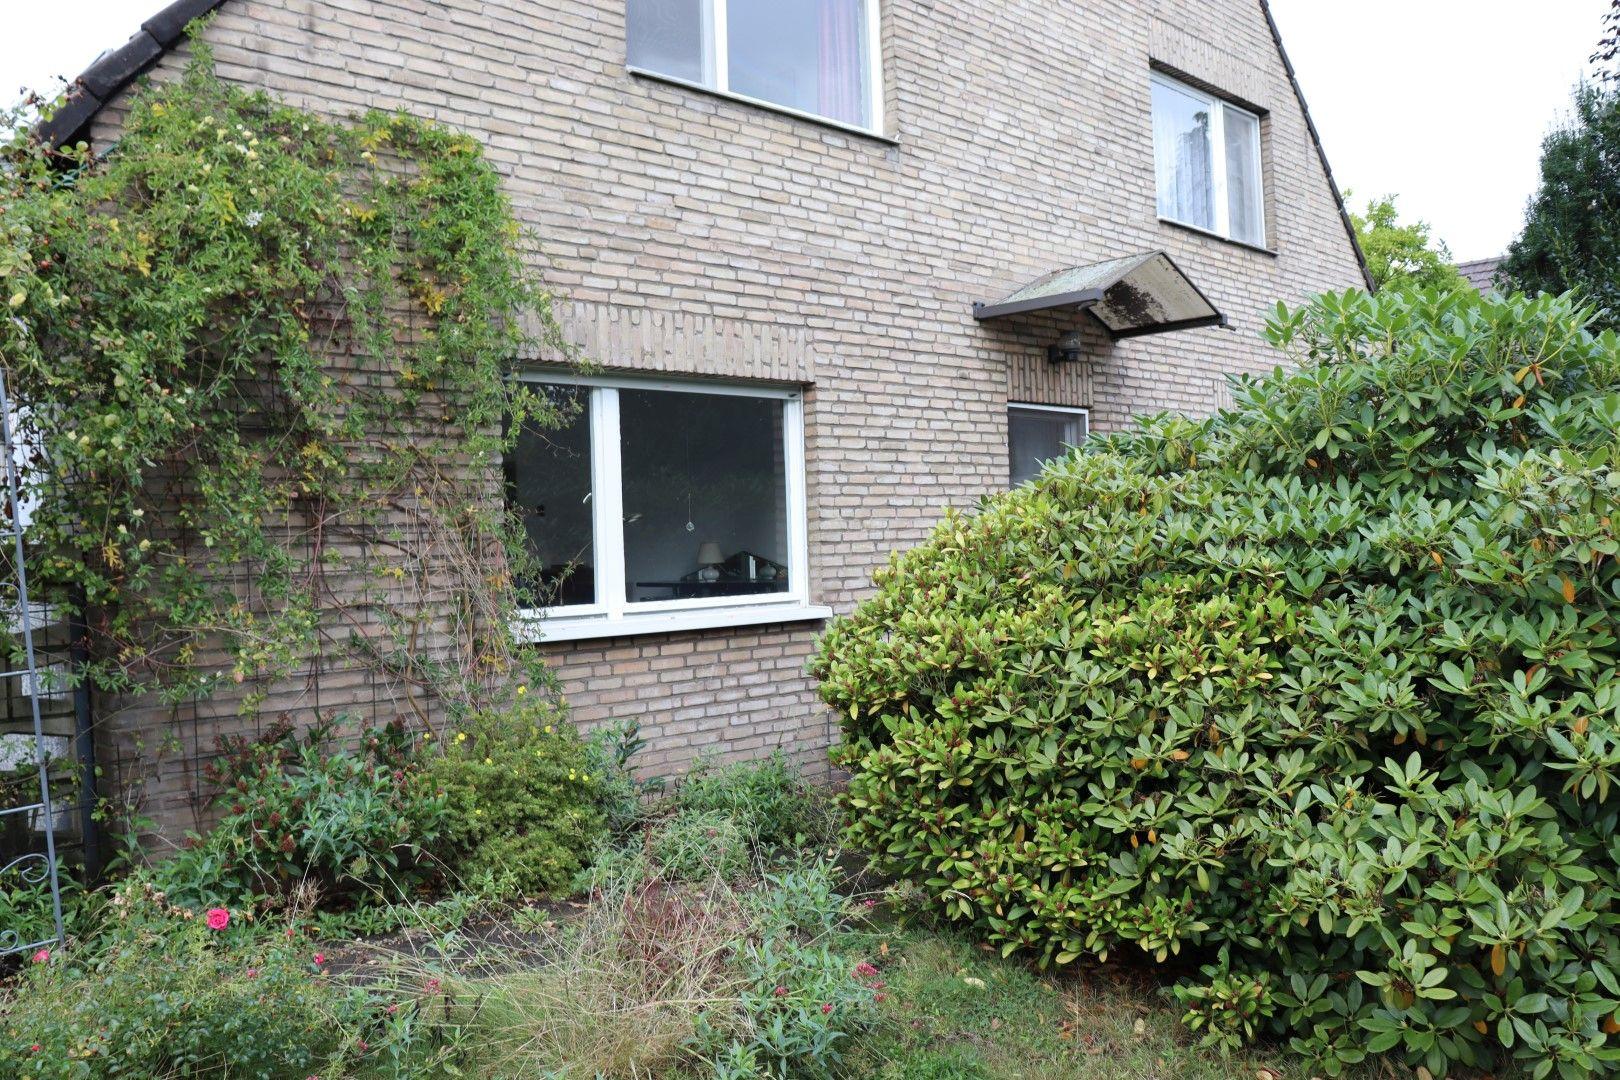 Immobilie Nr.0273 - Doppelhaushälfte in WEG mit Garten & Terrasse - Bild 3.jpg